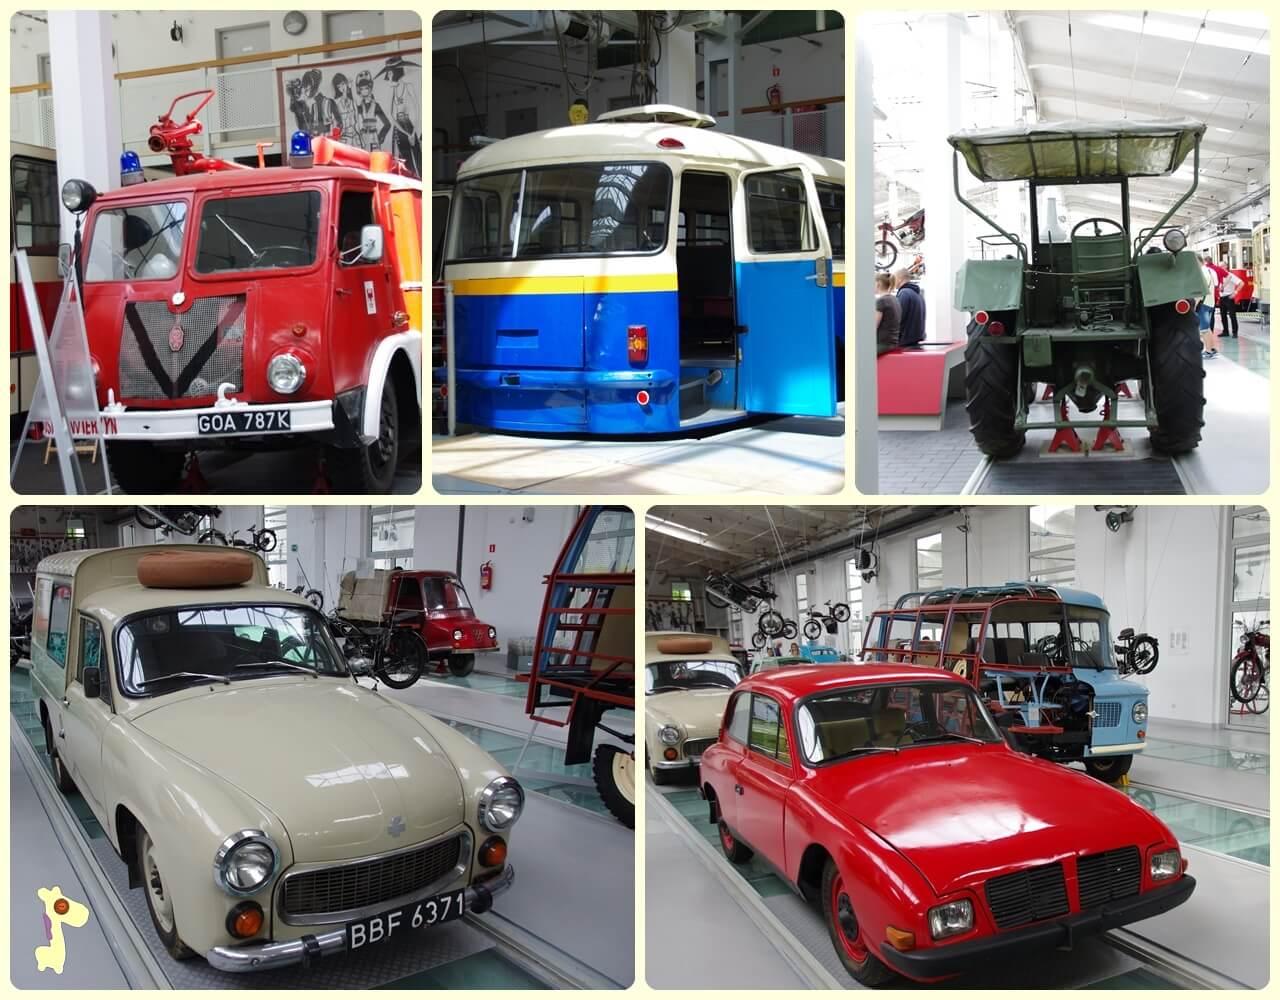 muzeum Transportu i Komunikacji w Szczecinie